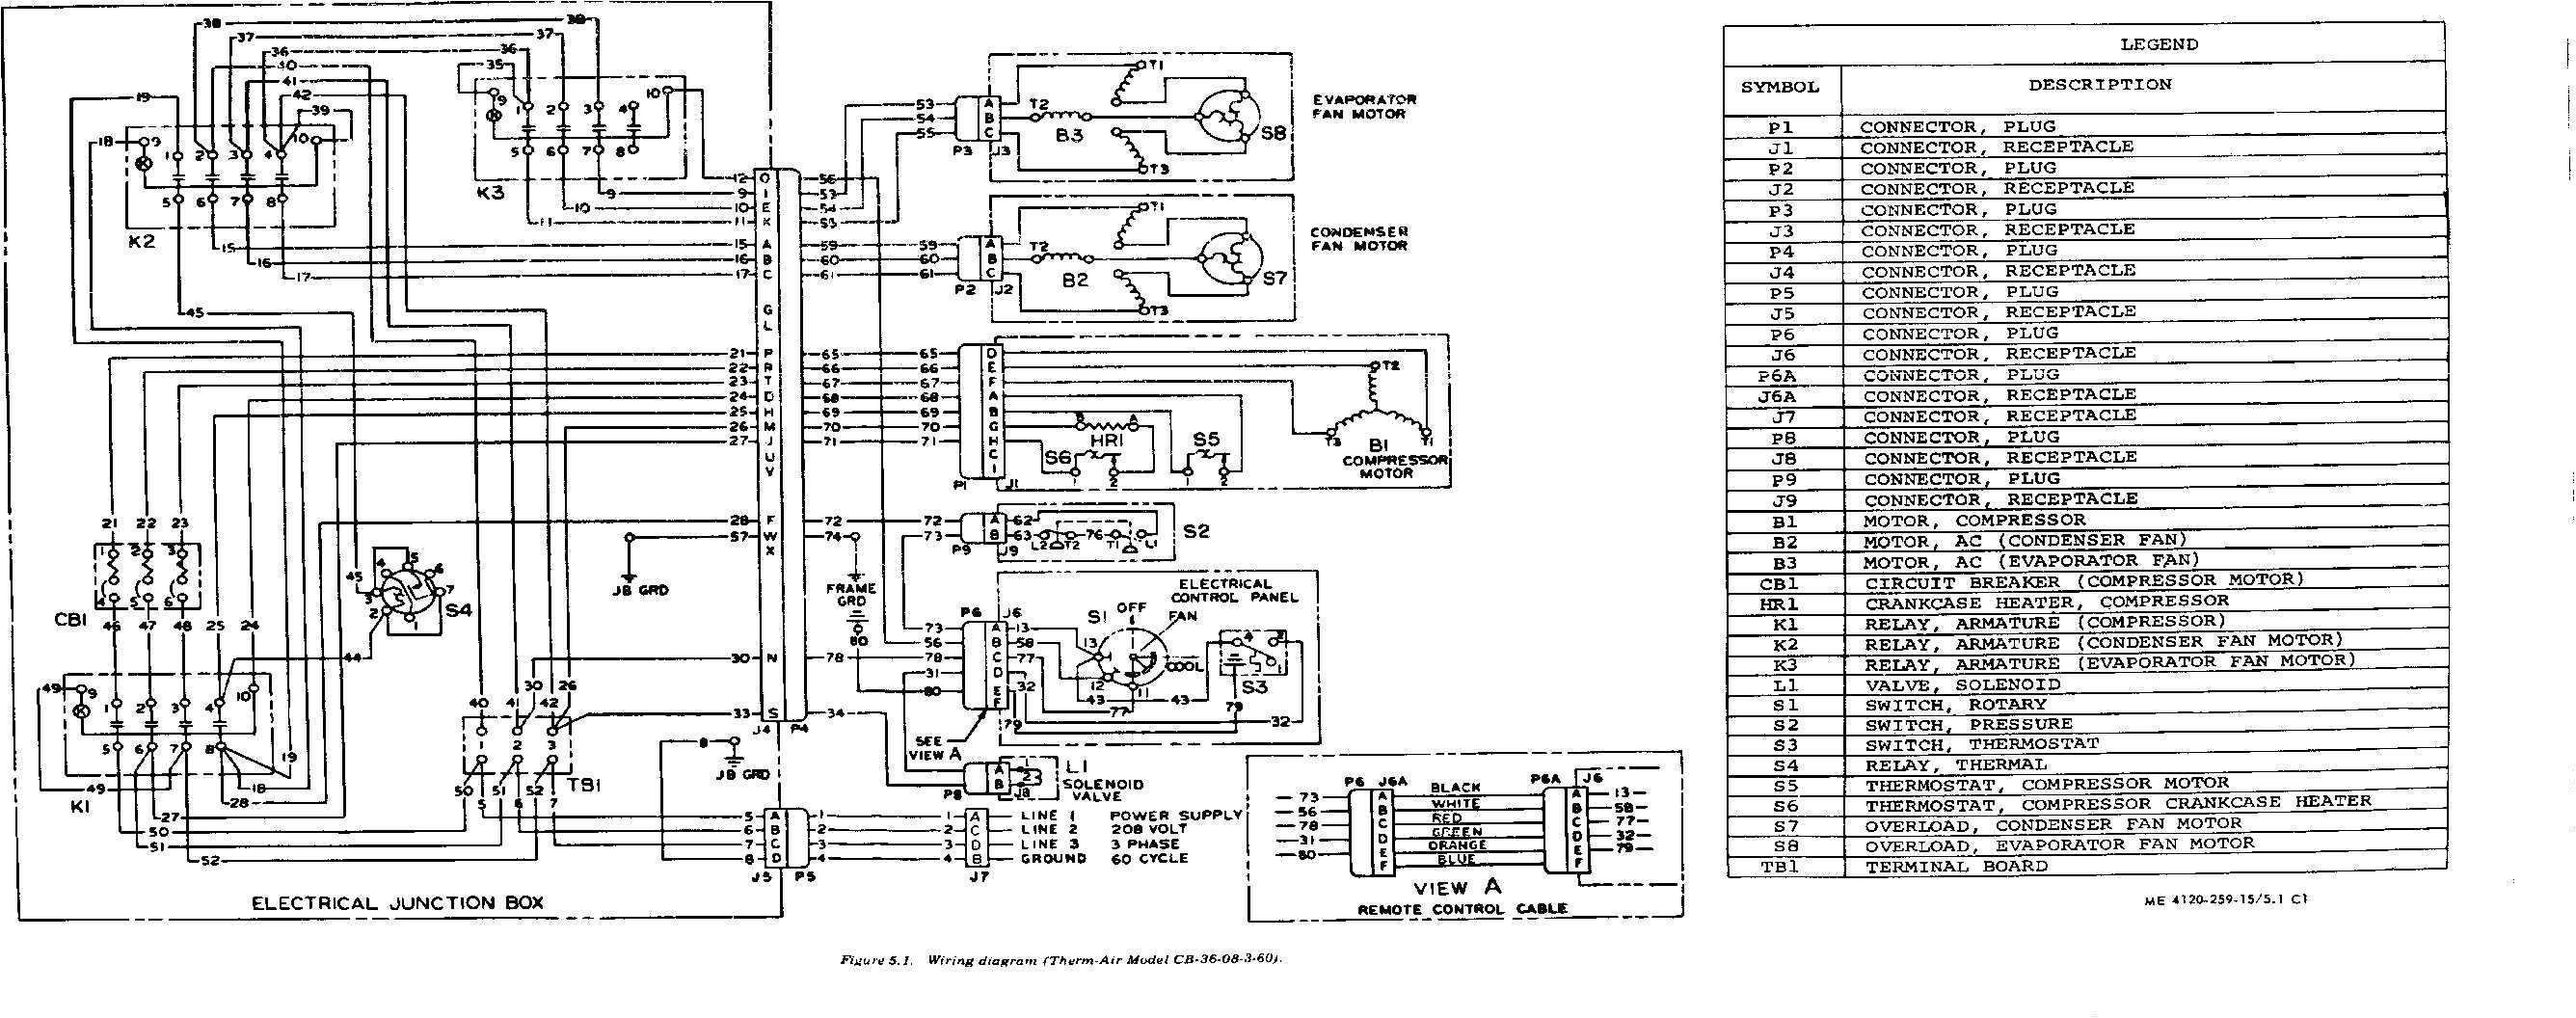 trane wiring diagrams wiring diagram more trane rooftop ac wiring diagrams